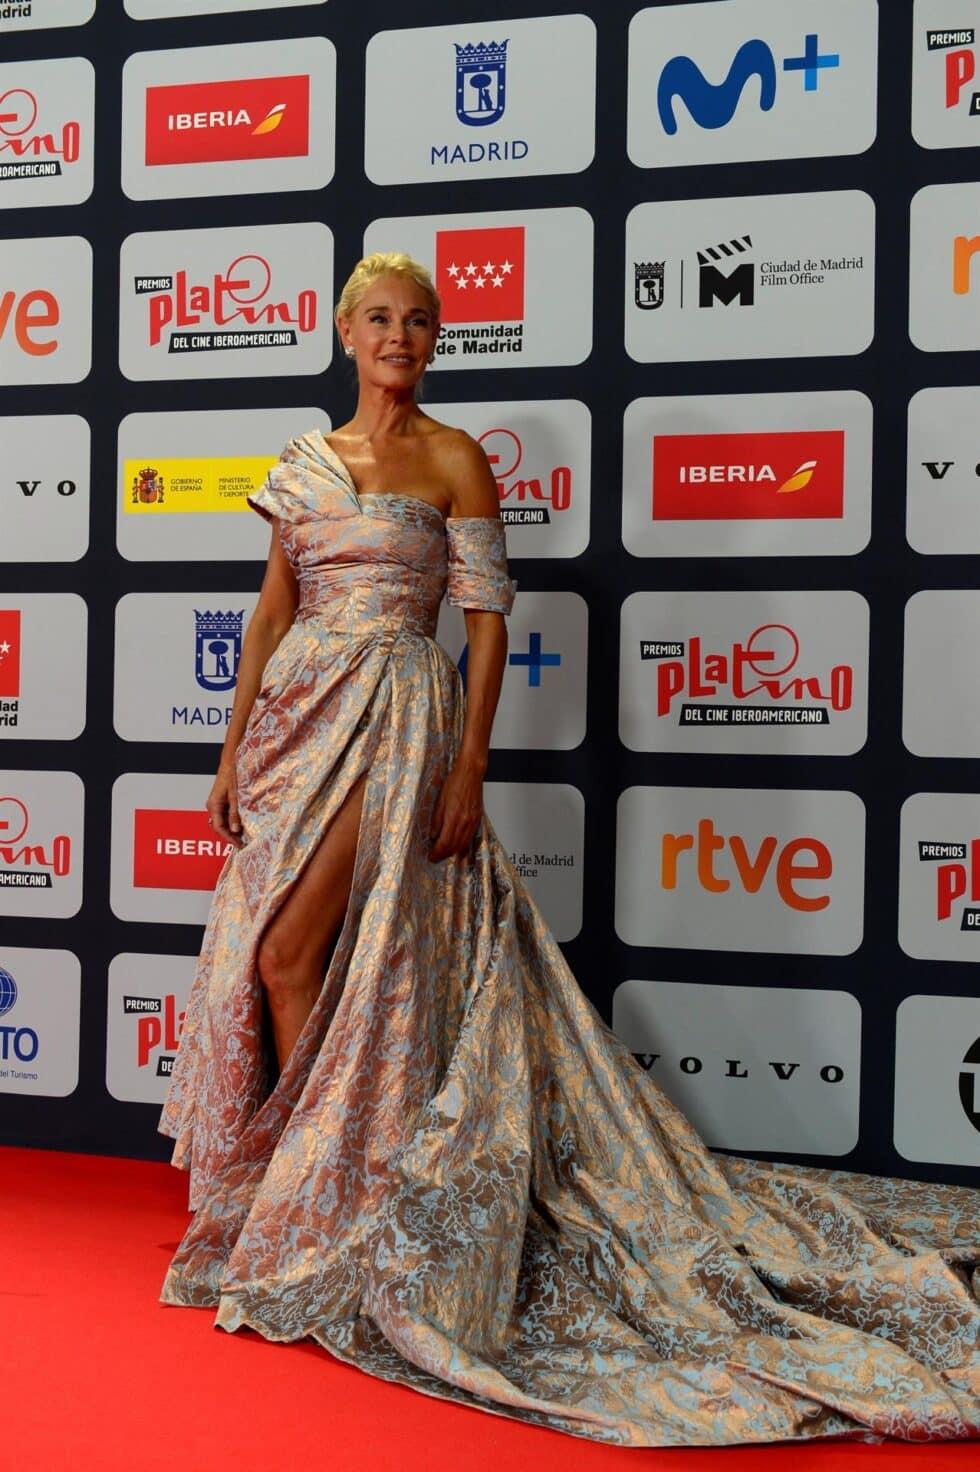 La actriz Belén Rueda, a su llegada a la ceremonia de entrega de los Premios Platino del Cine y el Audiovisual Iberoamericano que se celebra este domingo en Madrid